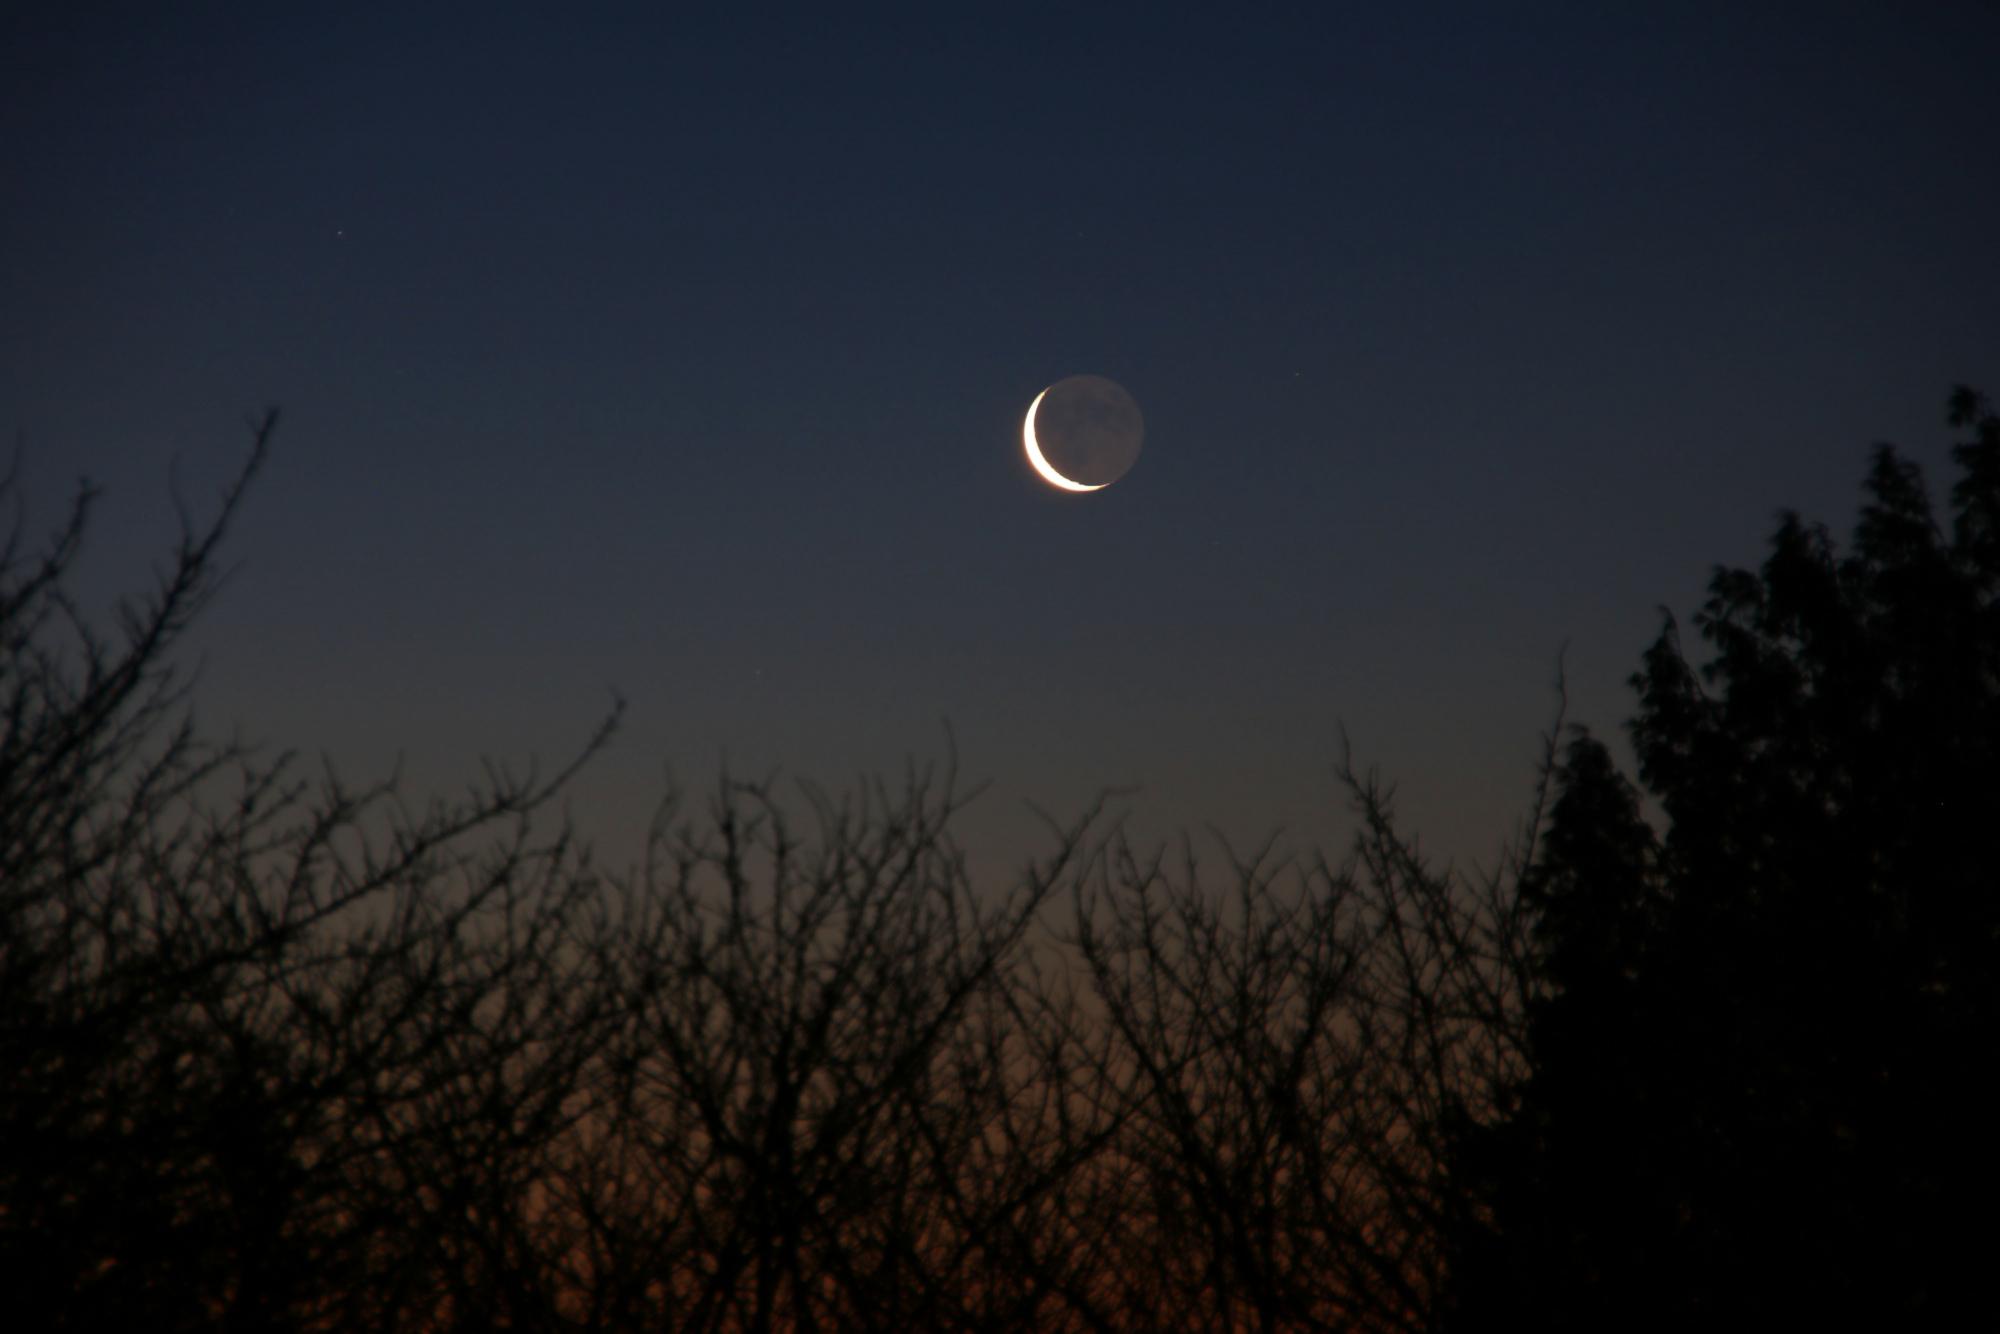 5 Lune cendrée 1181B1N1 send.jpg